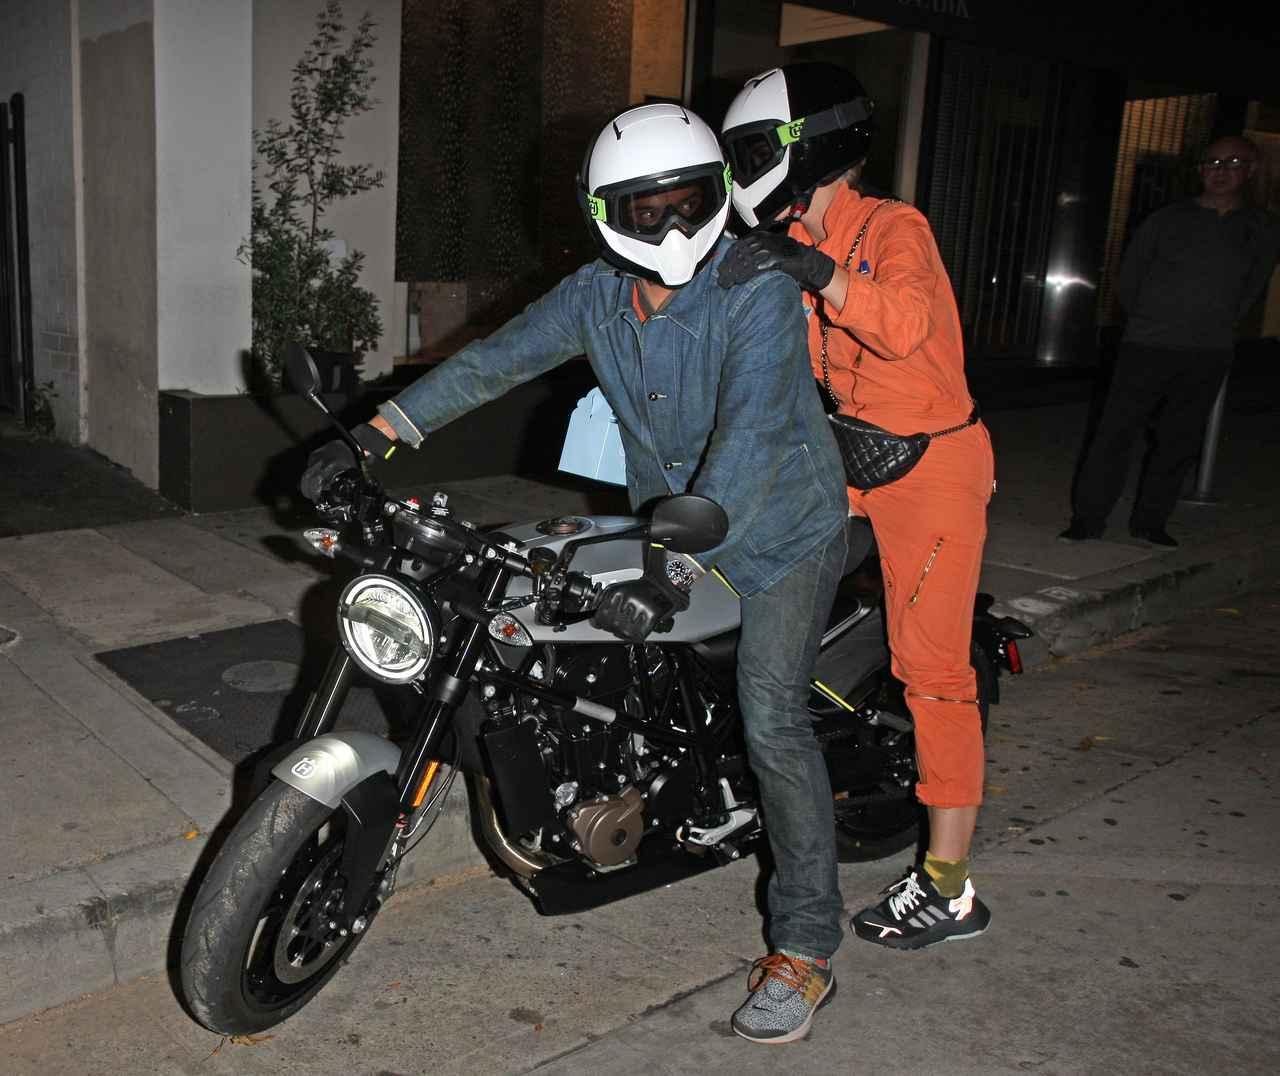 画像1: オーランドが運転するバイクに2人乗り